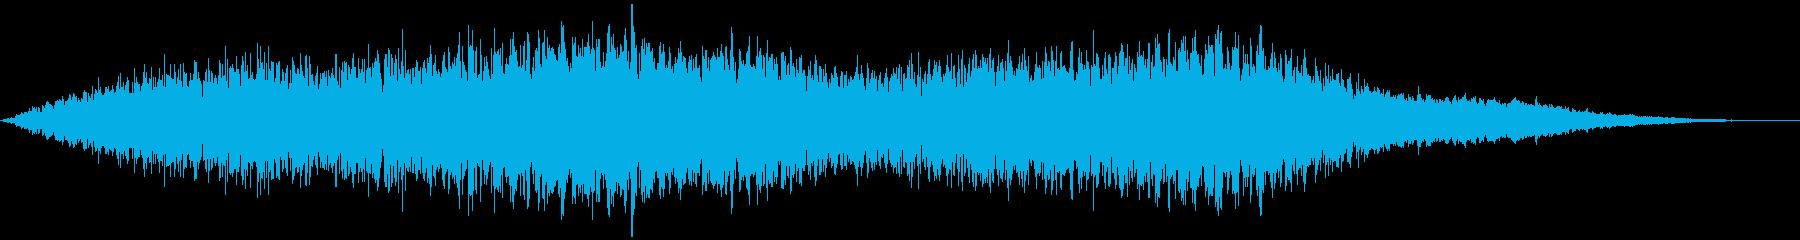 エネルギーフィールドスペースフォー...の再生済みの波形